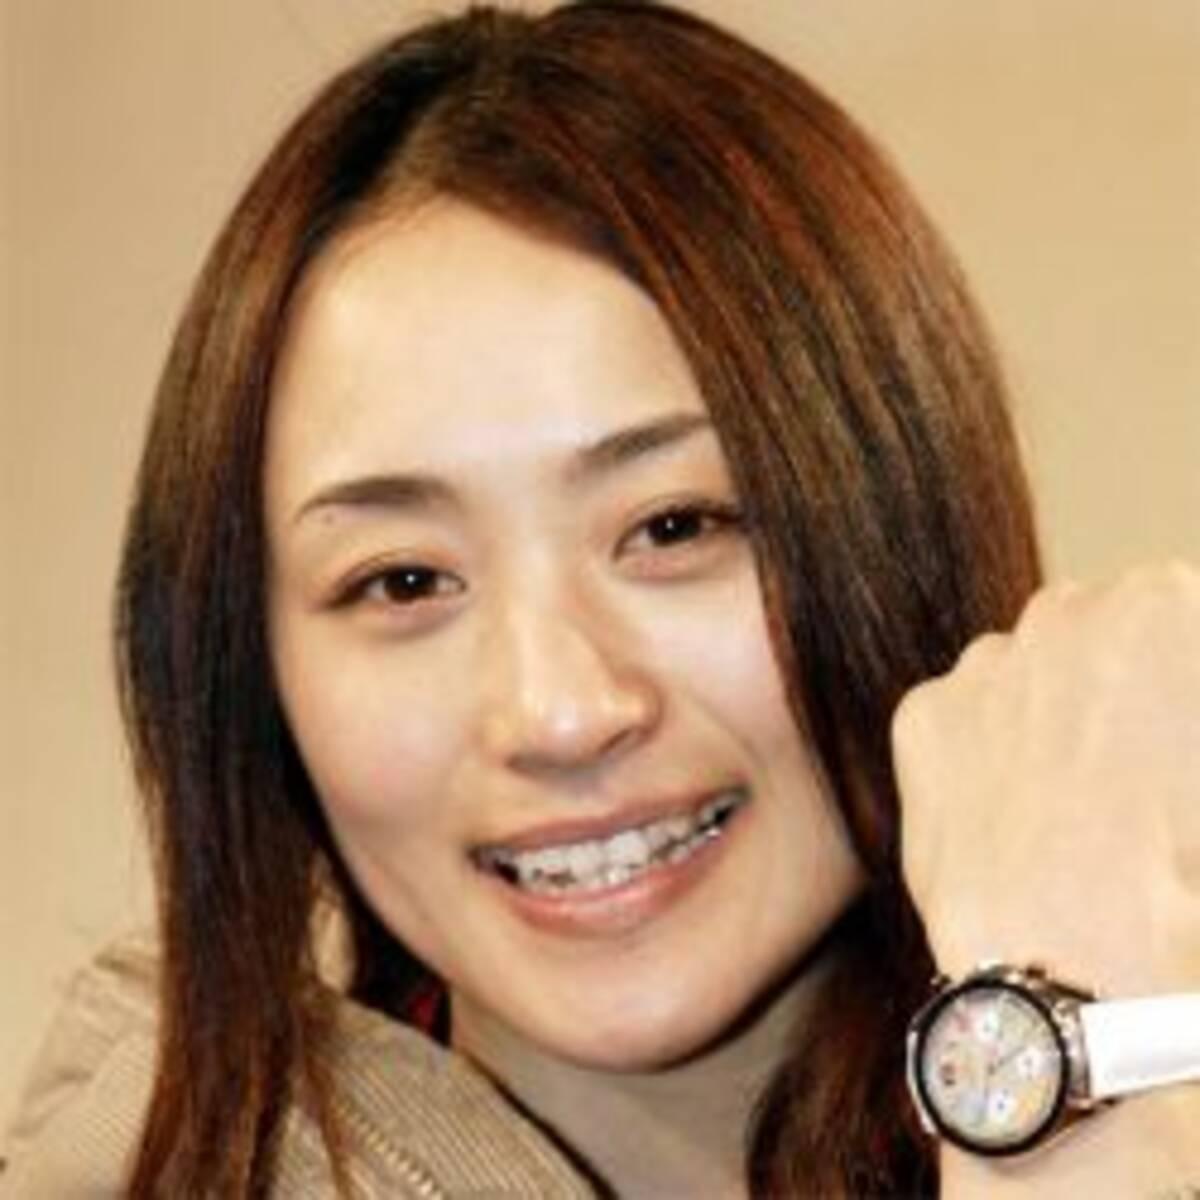 モーグル原大智の銅メダルに歓喜した上村愛子に「顔も心も美しい」の声 ...